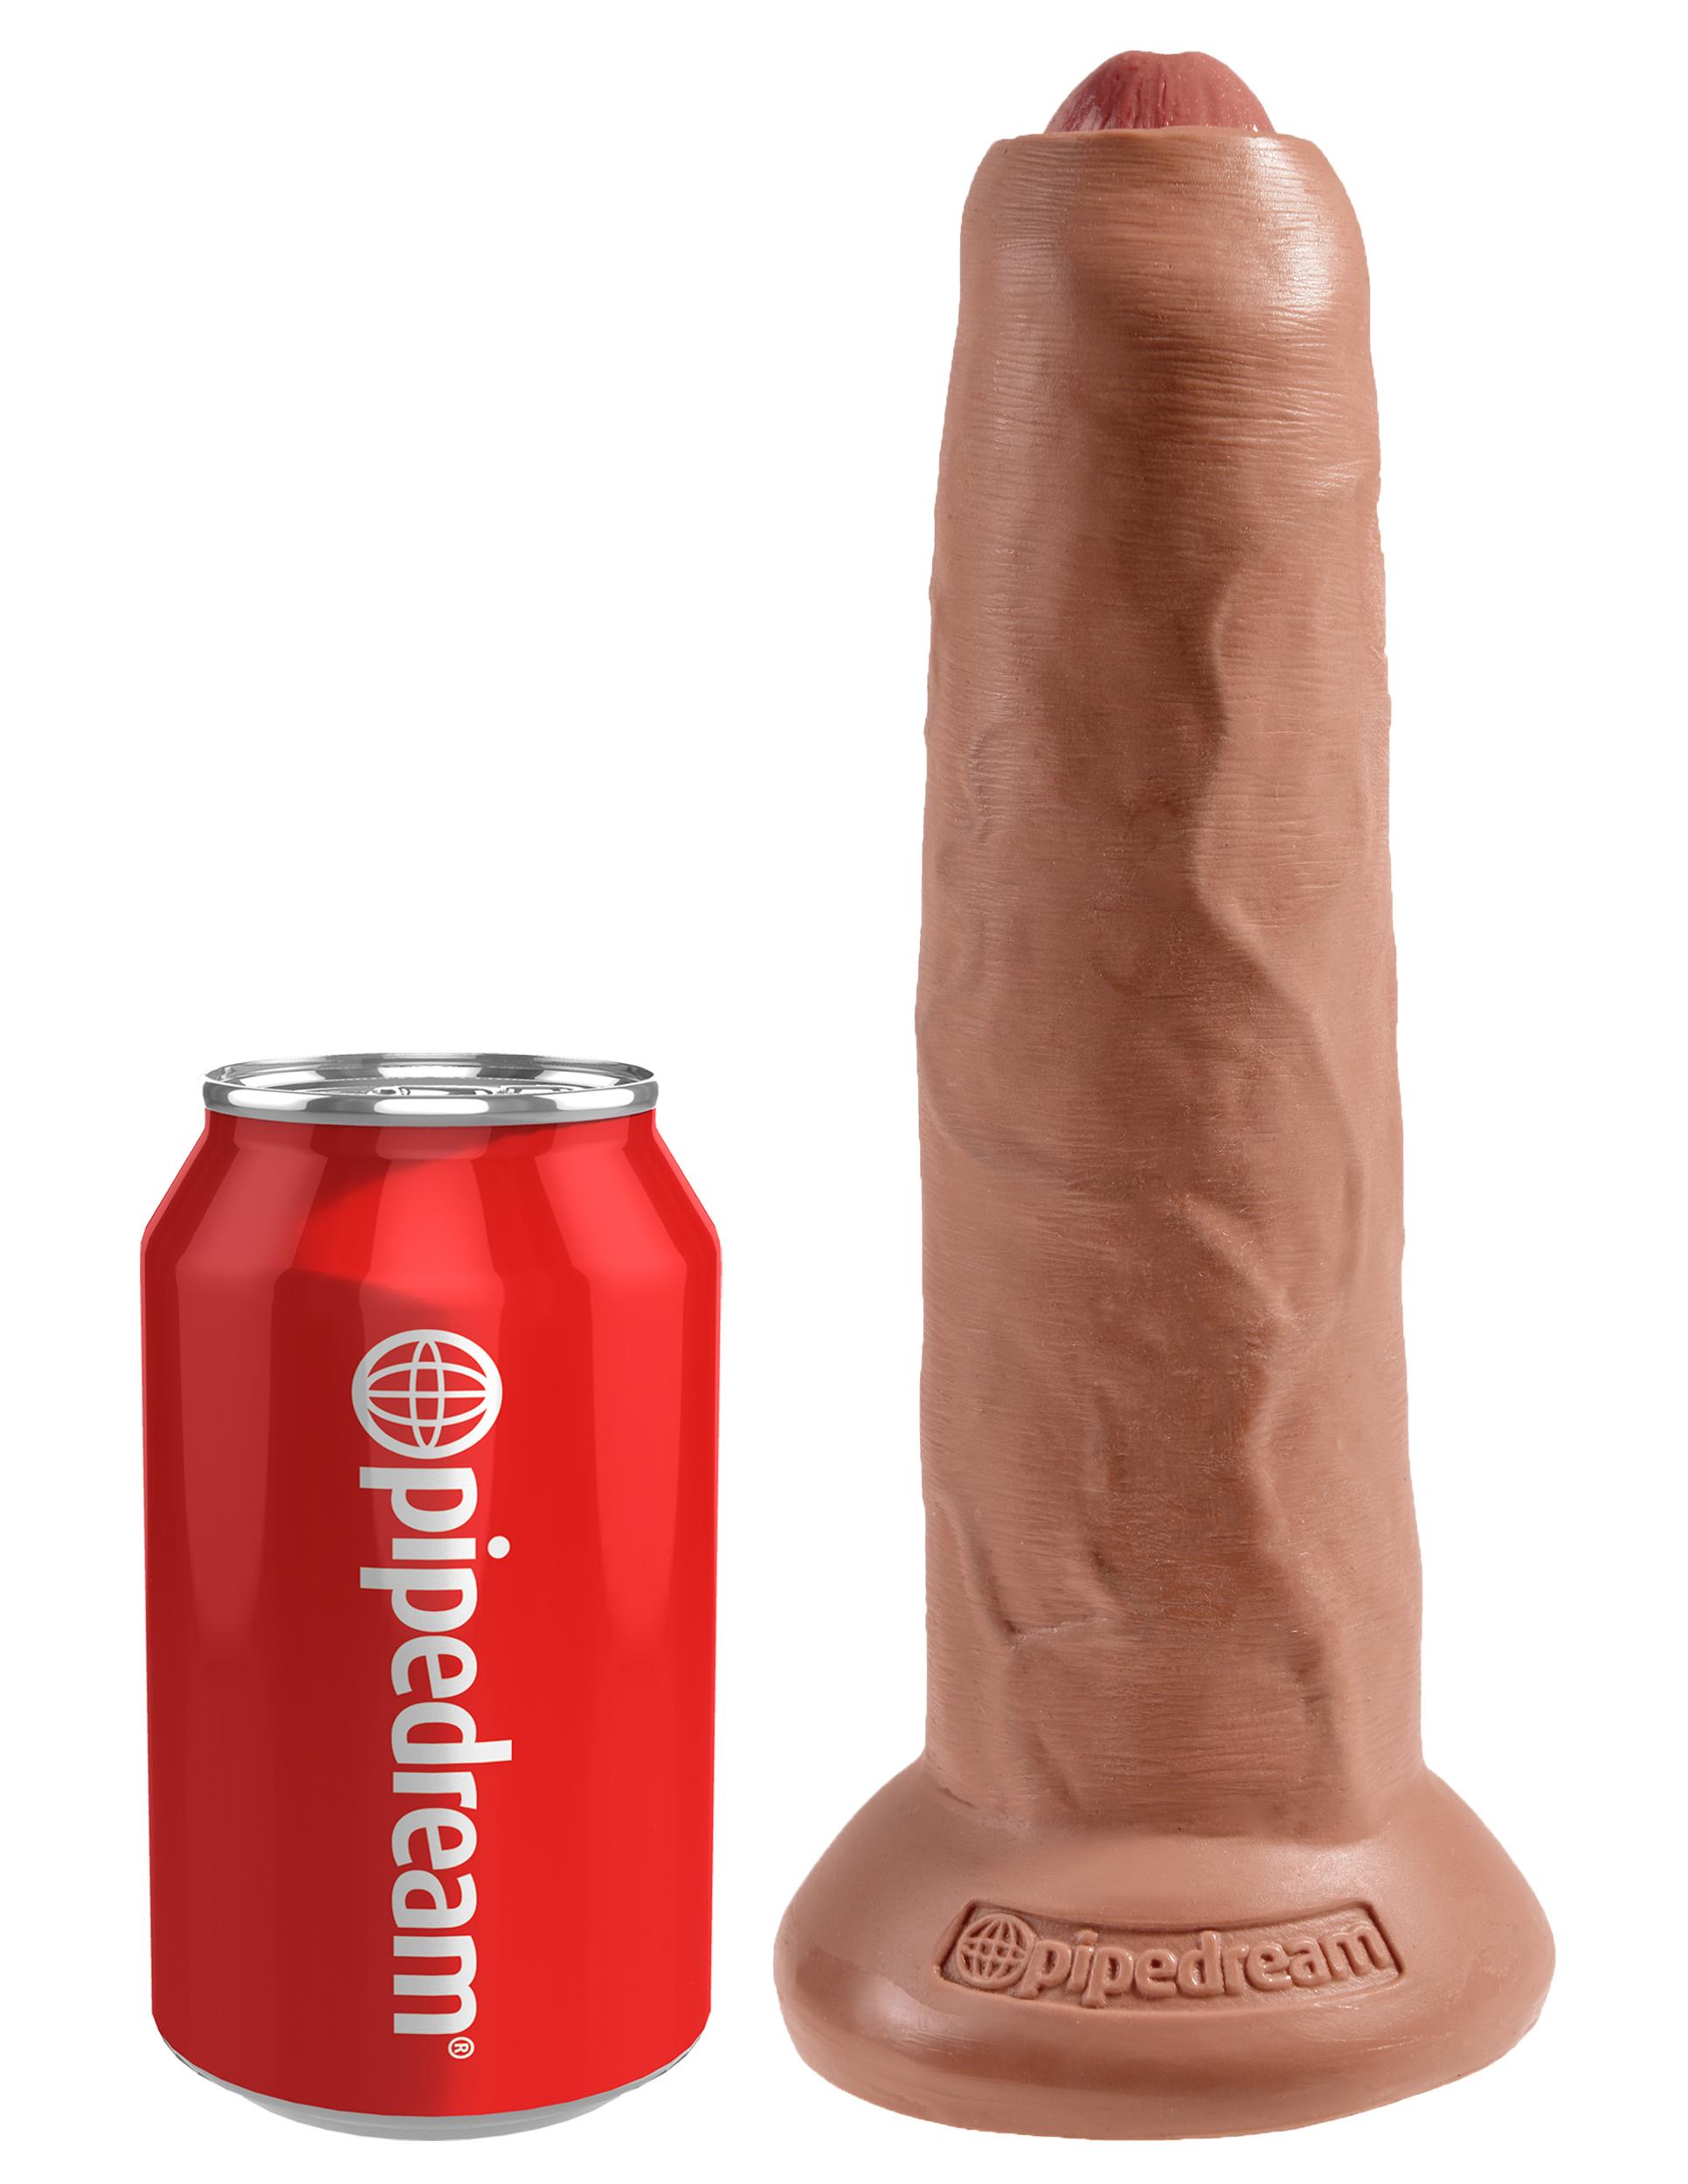 Uncut Cock 23 cm - Tan | Brands, Pipedream, King Cock, SEXLEKSAKER, MEST FÖR HENNE, Dildos & Dongar, Realistiska Dildos | Intimast.se - Sexleksaker